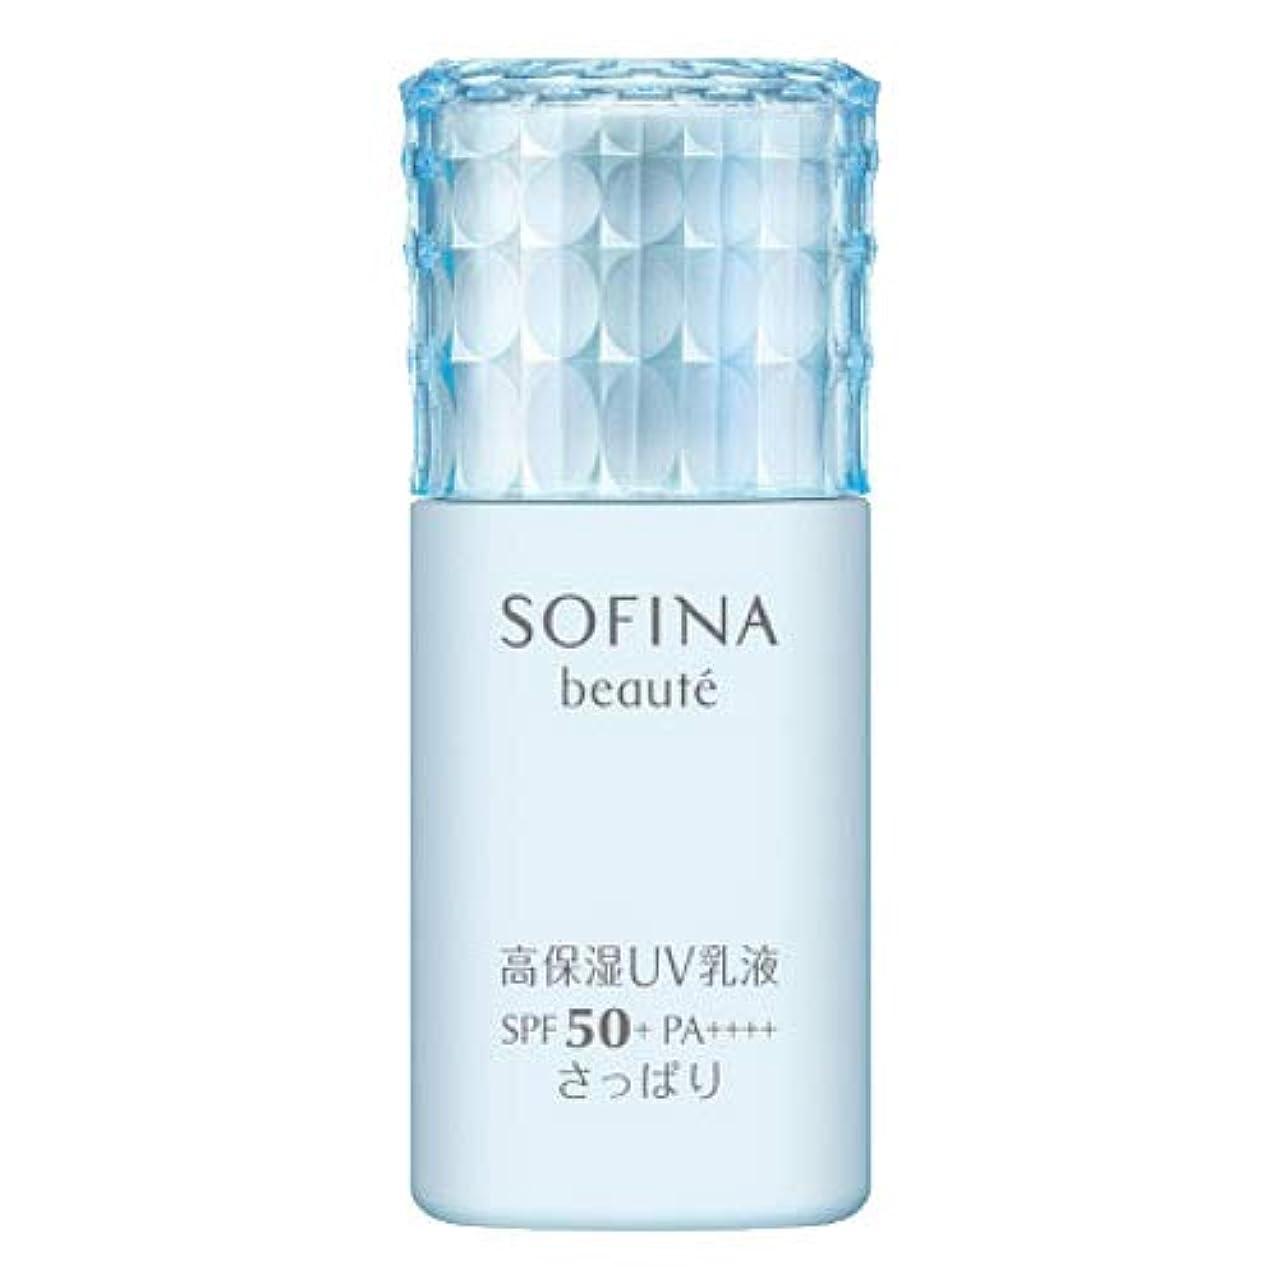 ソフィーナ ボーテ 高保湿UV乳液 SPF50+ PA++++ さっぱり 30ml [並行輸入品]